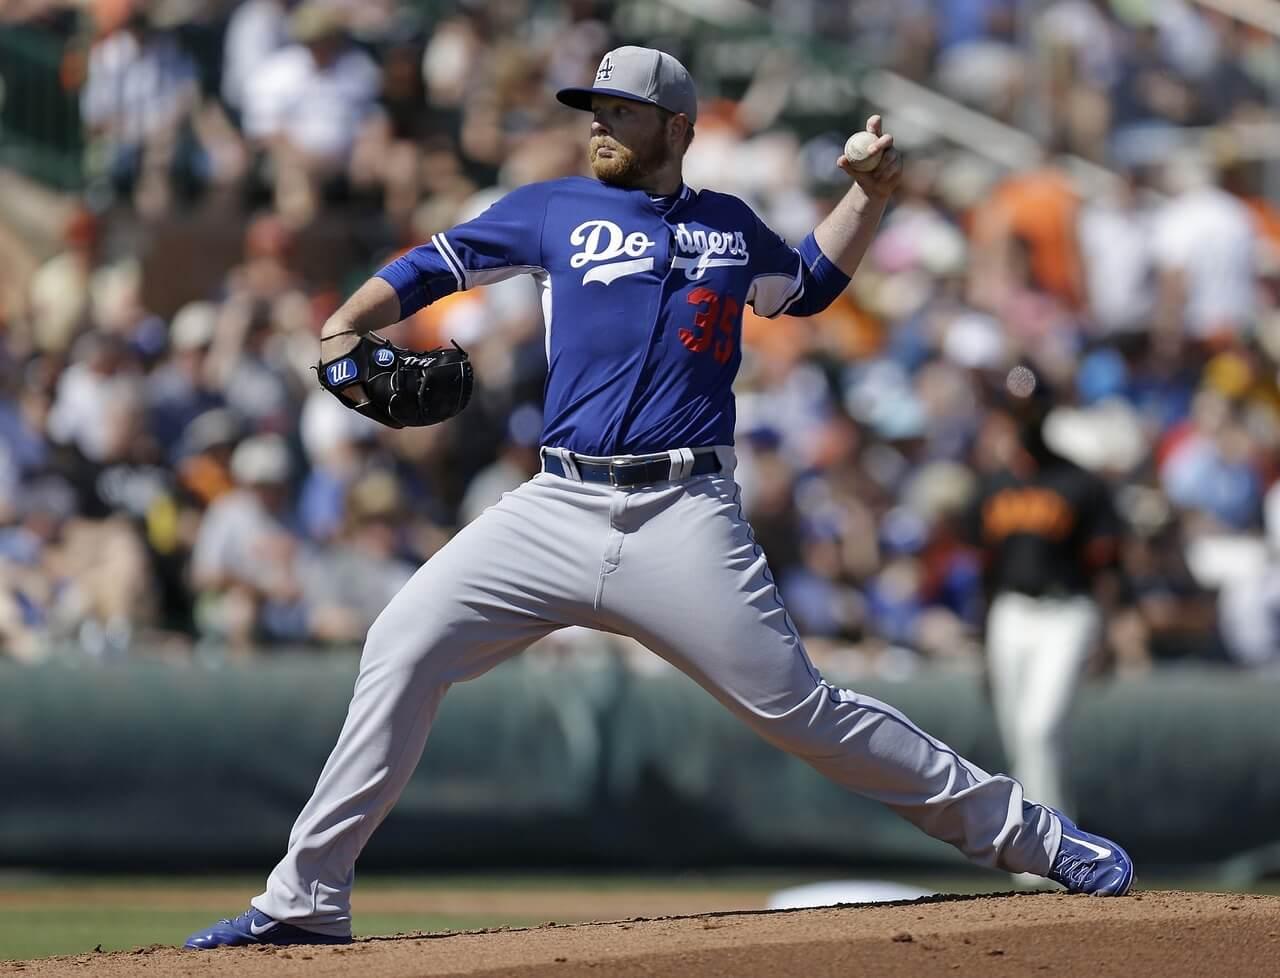 【論文紹介】グラストンテクニック(IASTM)が野球選手の肩の関節可動域に与える急性効果